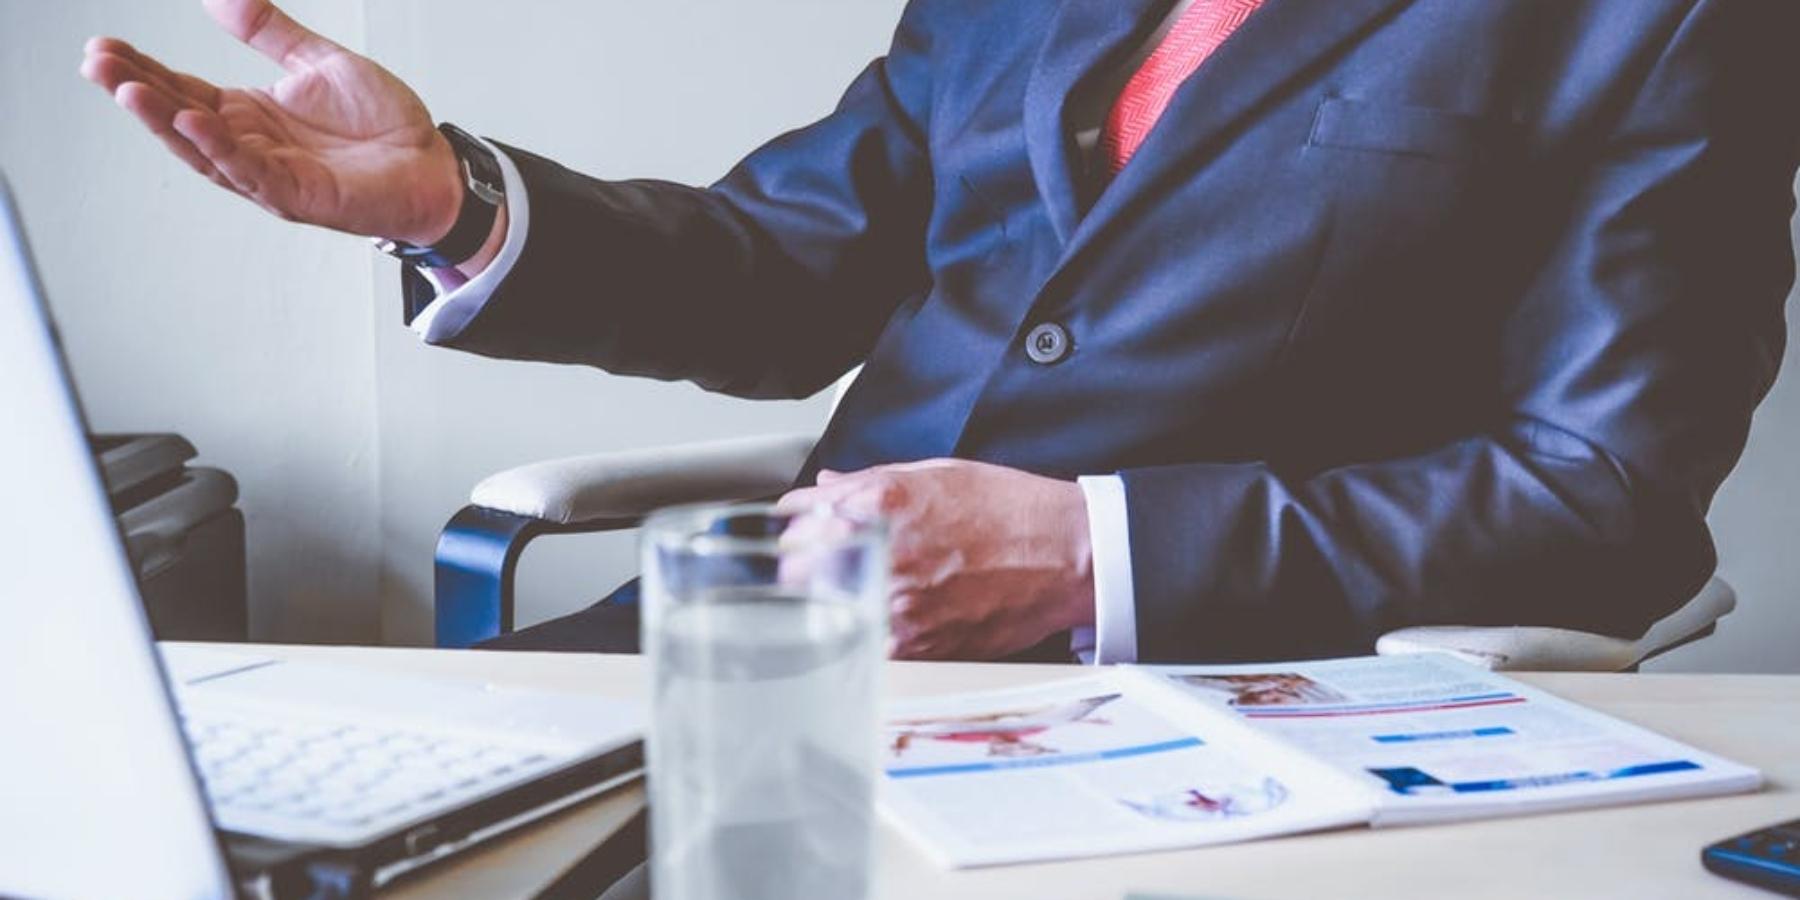 Naco zwrócić uwagę przy podpisywaniu umowy inwestycyjnej?